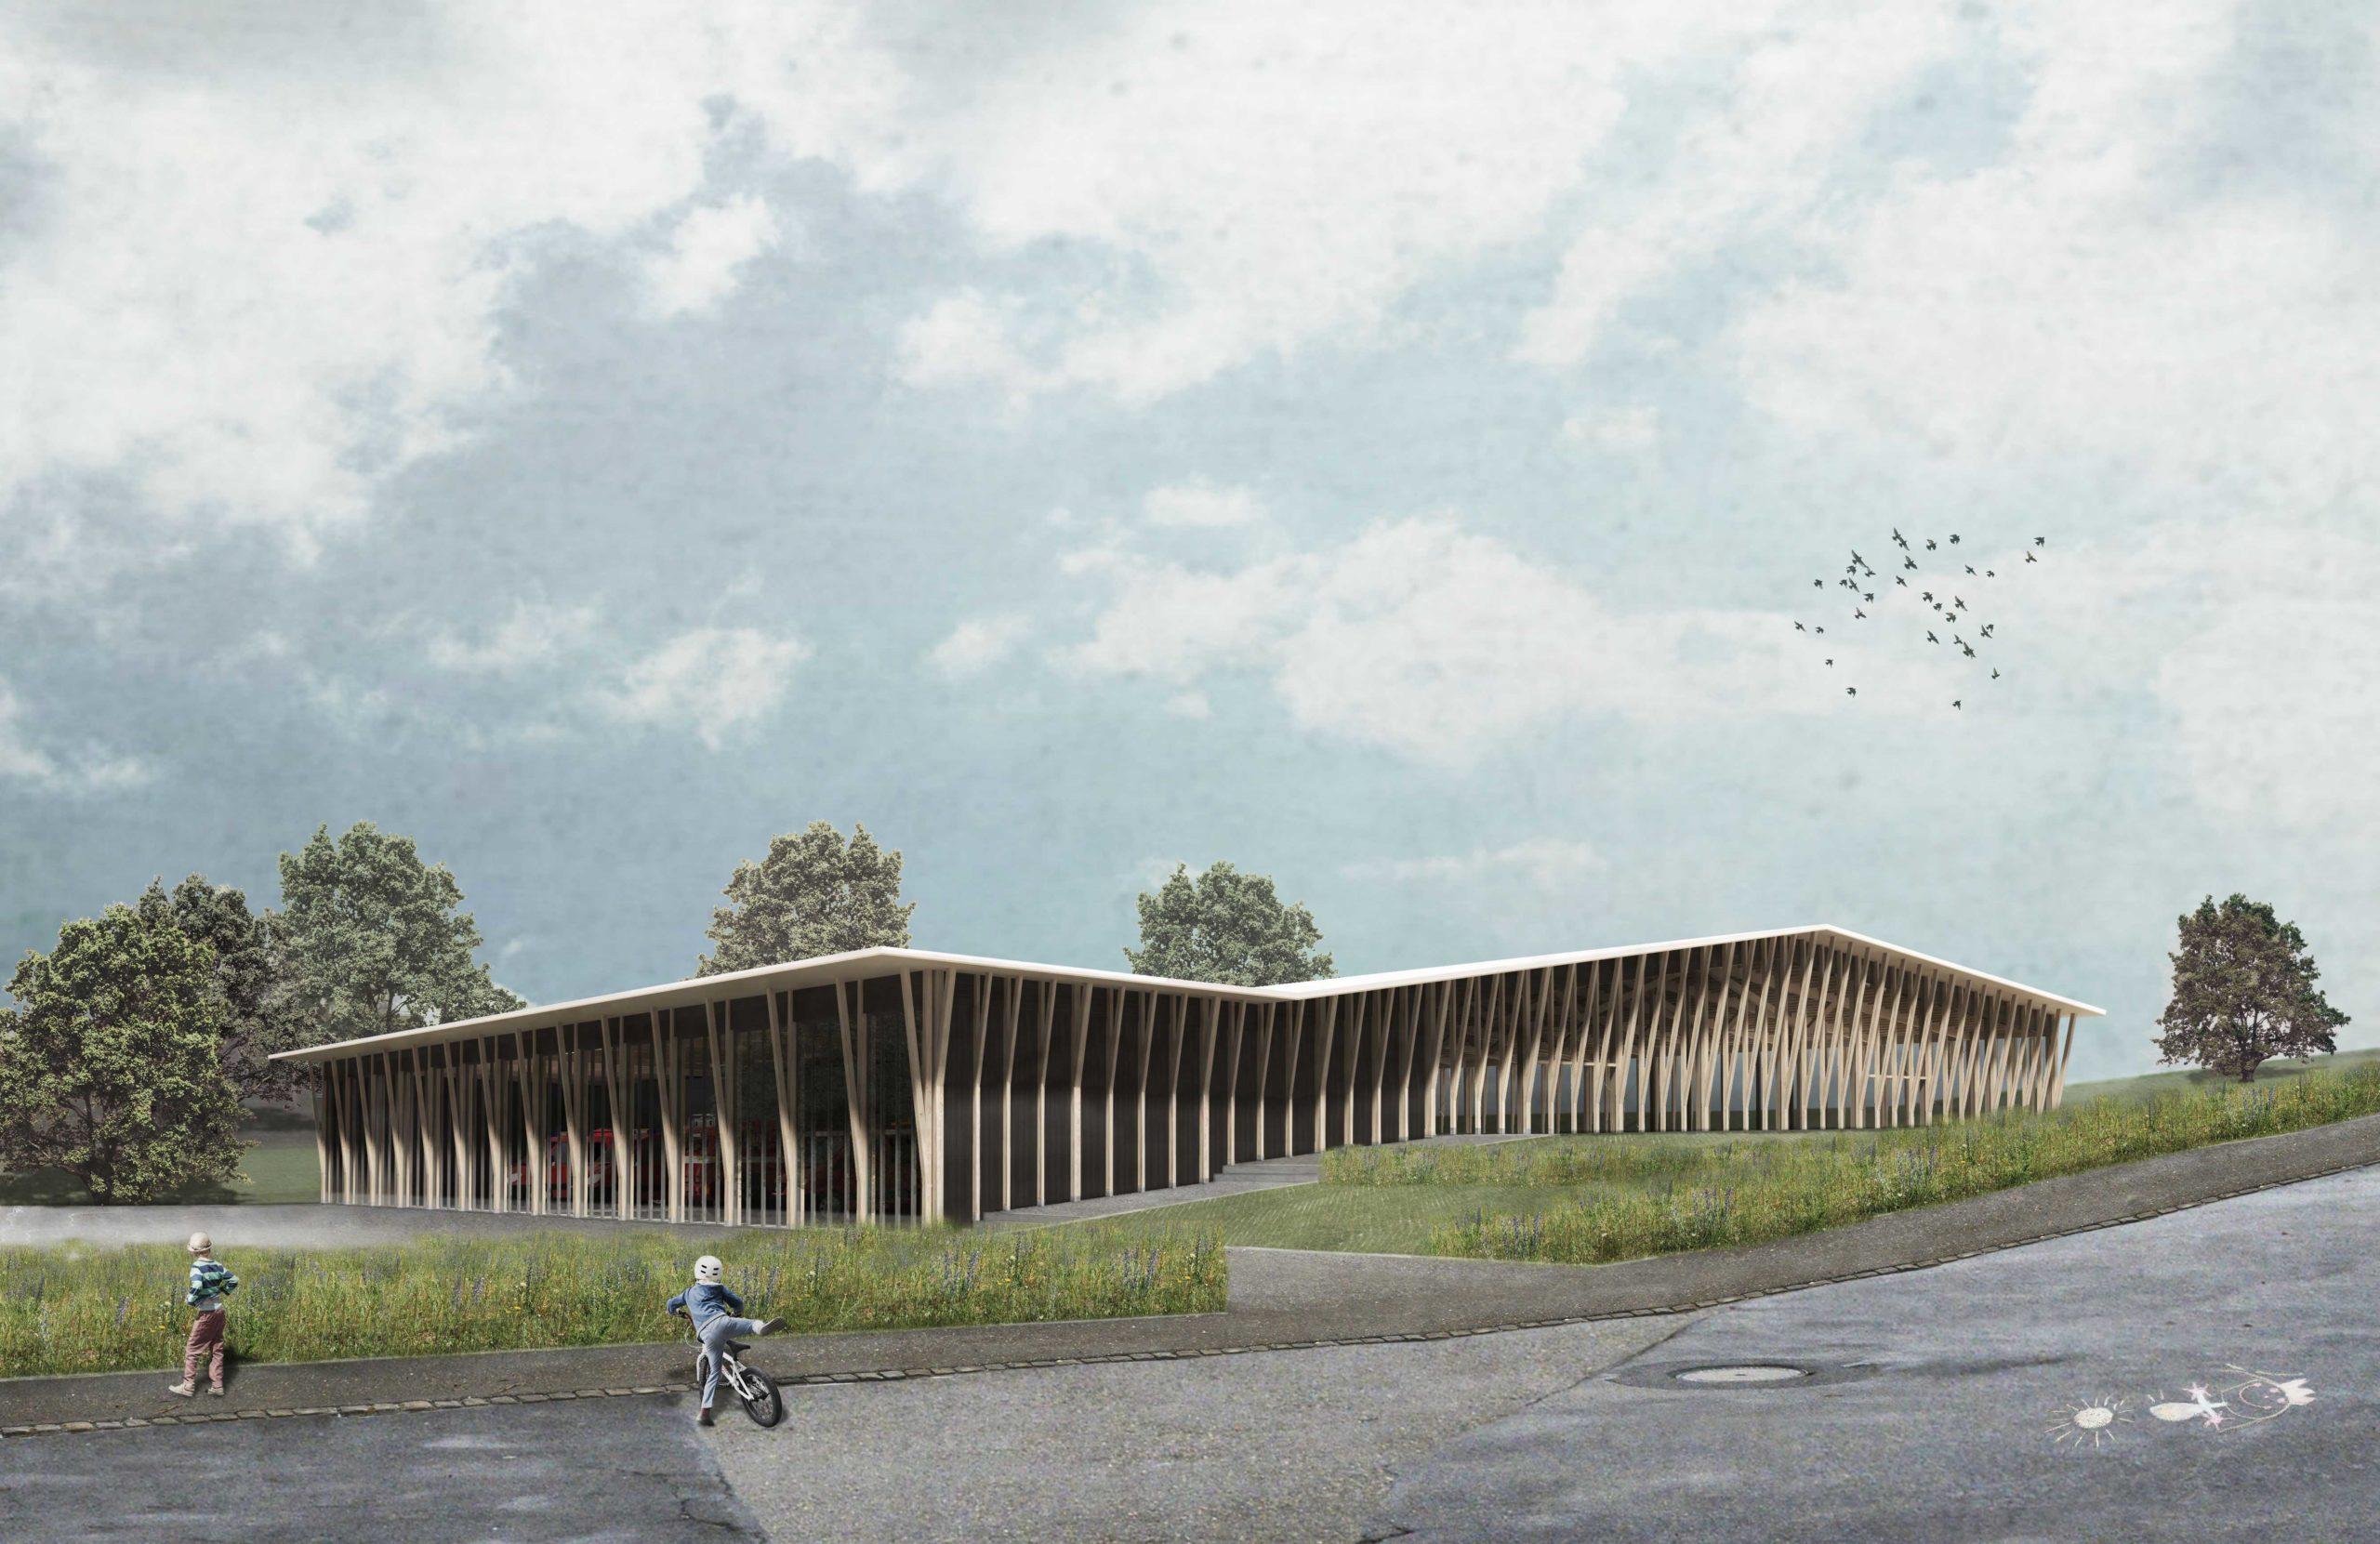 STUDIO CORNEL STAEHELI  Dreifachsporthalle mit Feuerwehrstützpunkt und Zivilschutzanlage Beromünster Aussenbild Holz